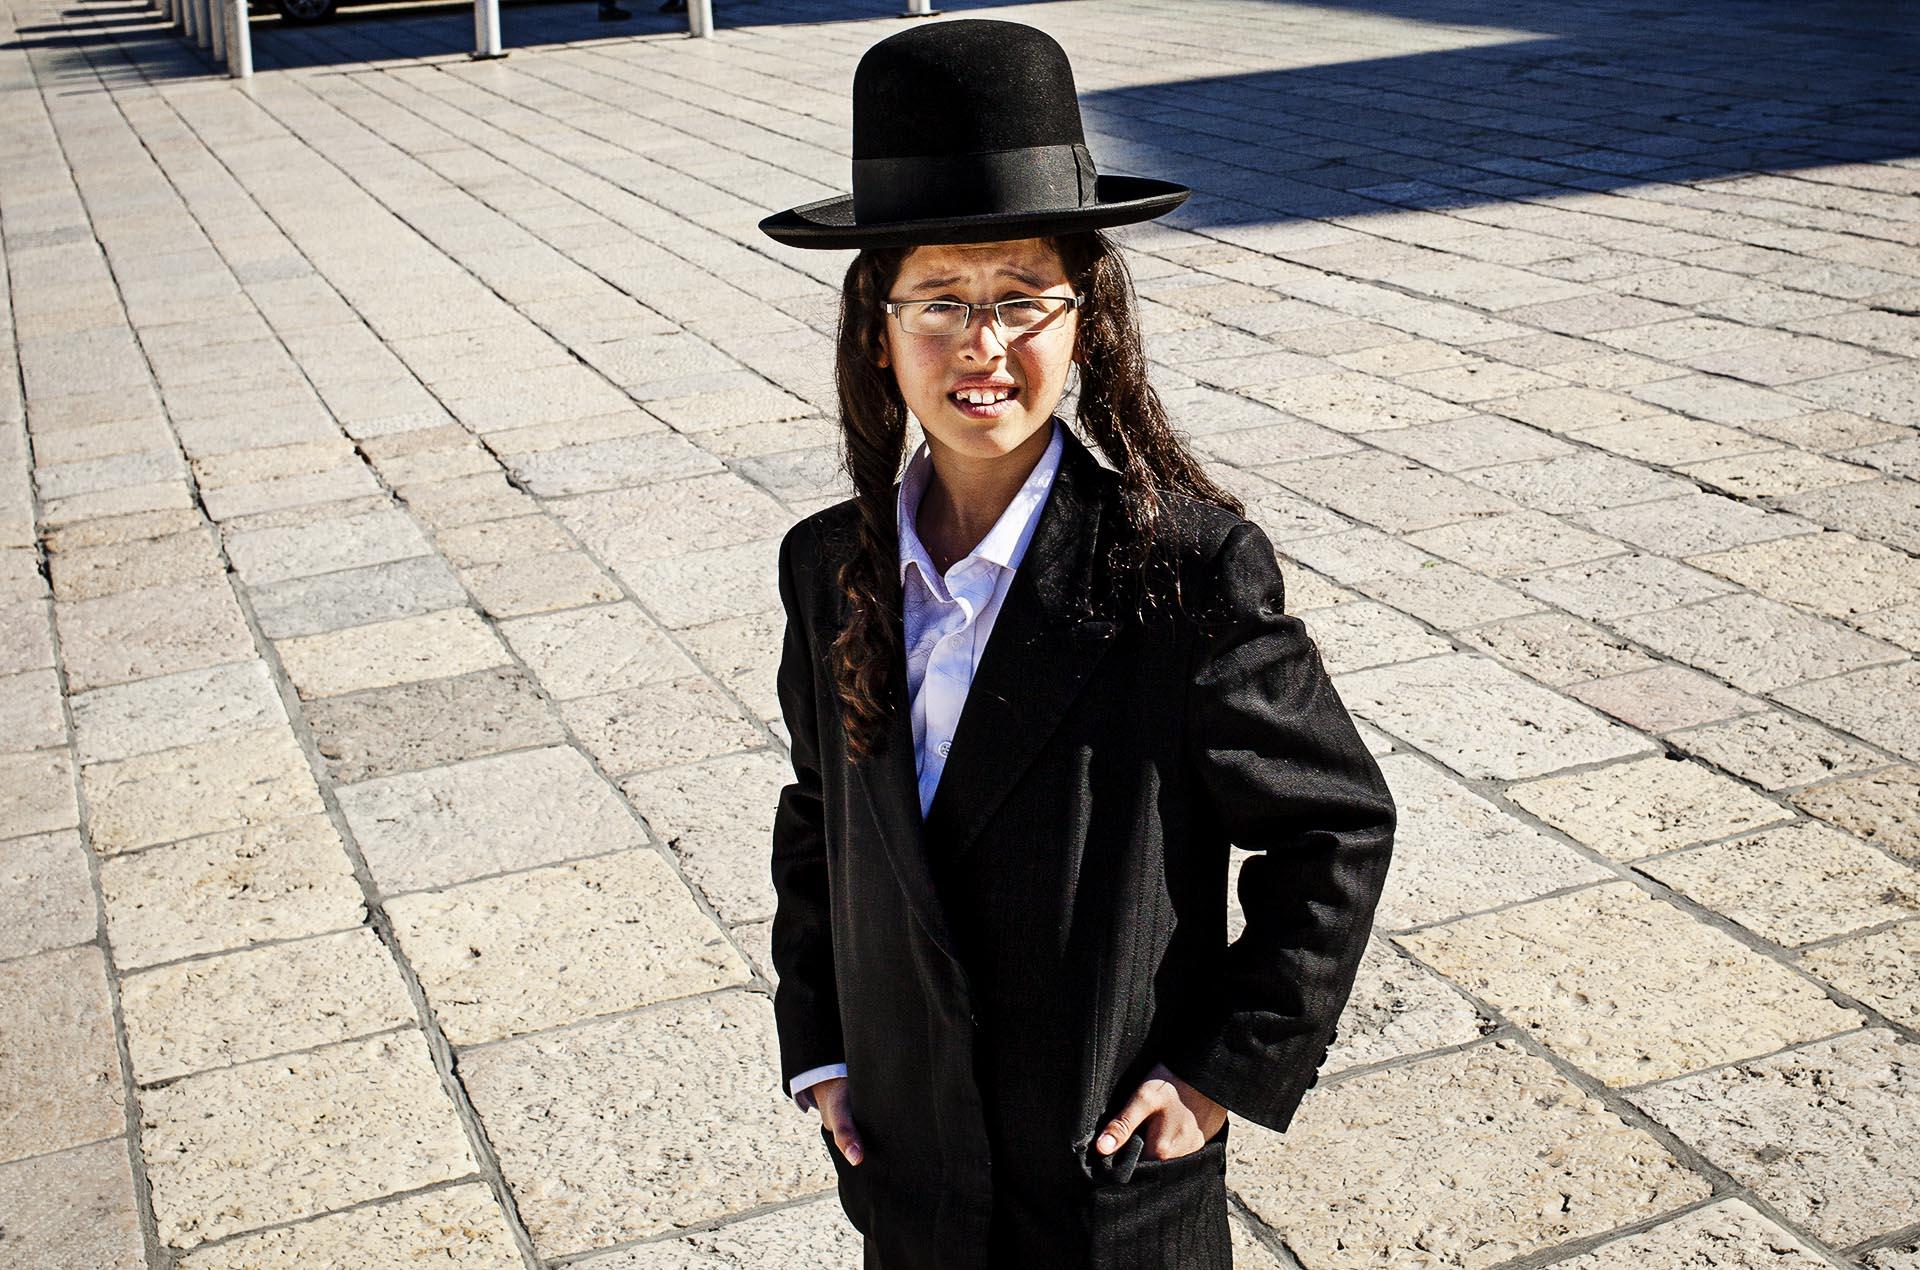 La religión forma parte de la educación israelí desde la más temprana edad.